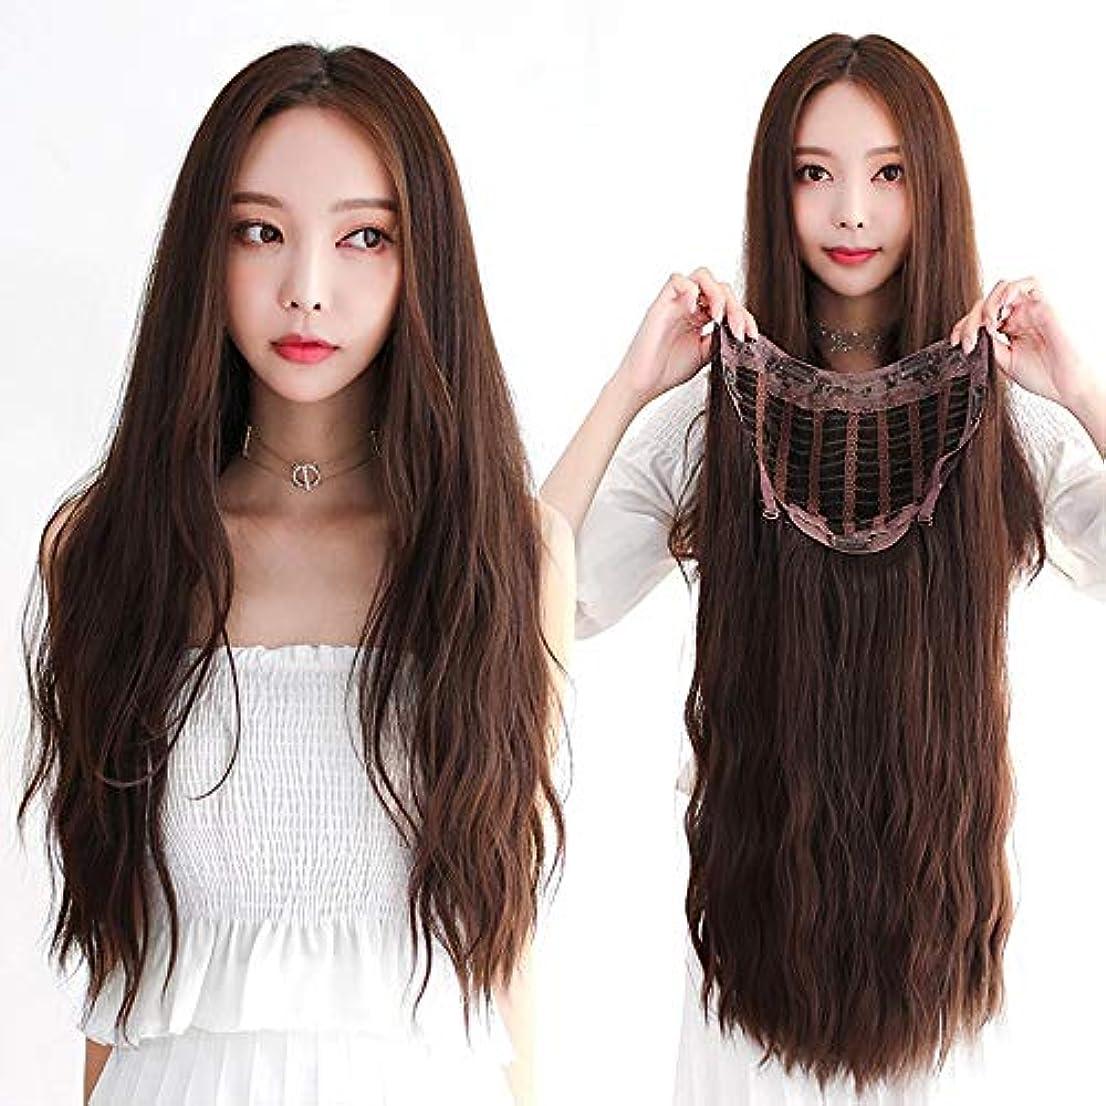 水差しターゲット非武装化SRY-Wigファッション ウィッグ女性の長い髪長い巻き毛大きな波気質目に見えないシームレス現実的です